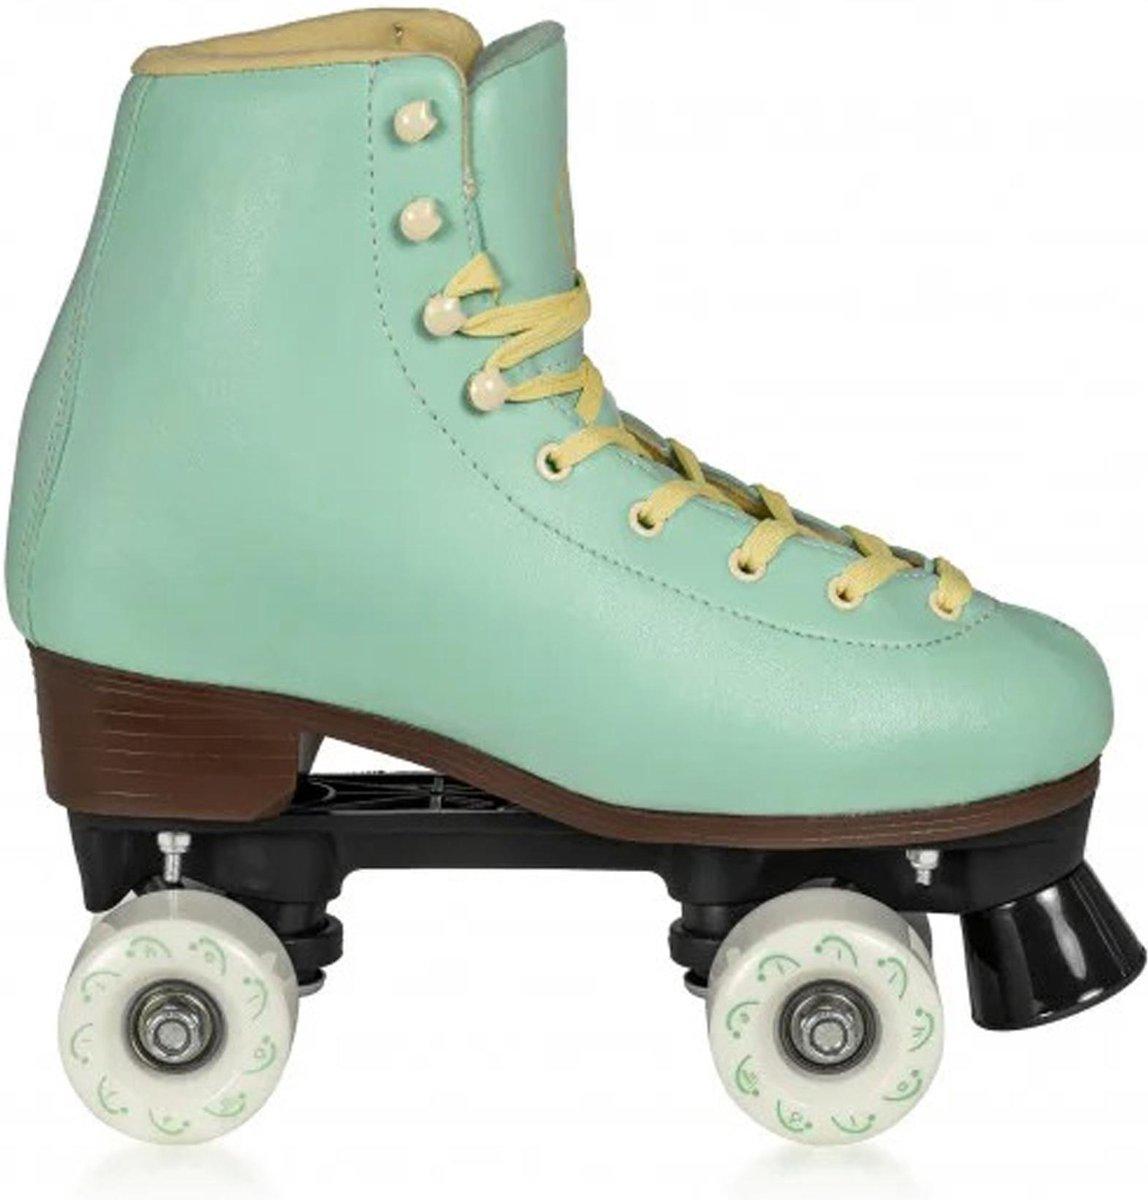 Playlife Rolschaatsen - Maat 34Volwassenen - mint groen/geel